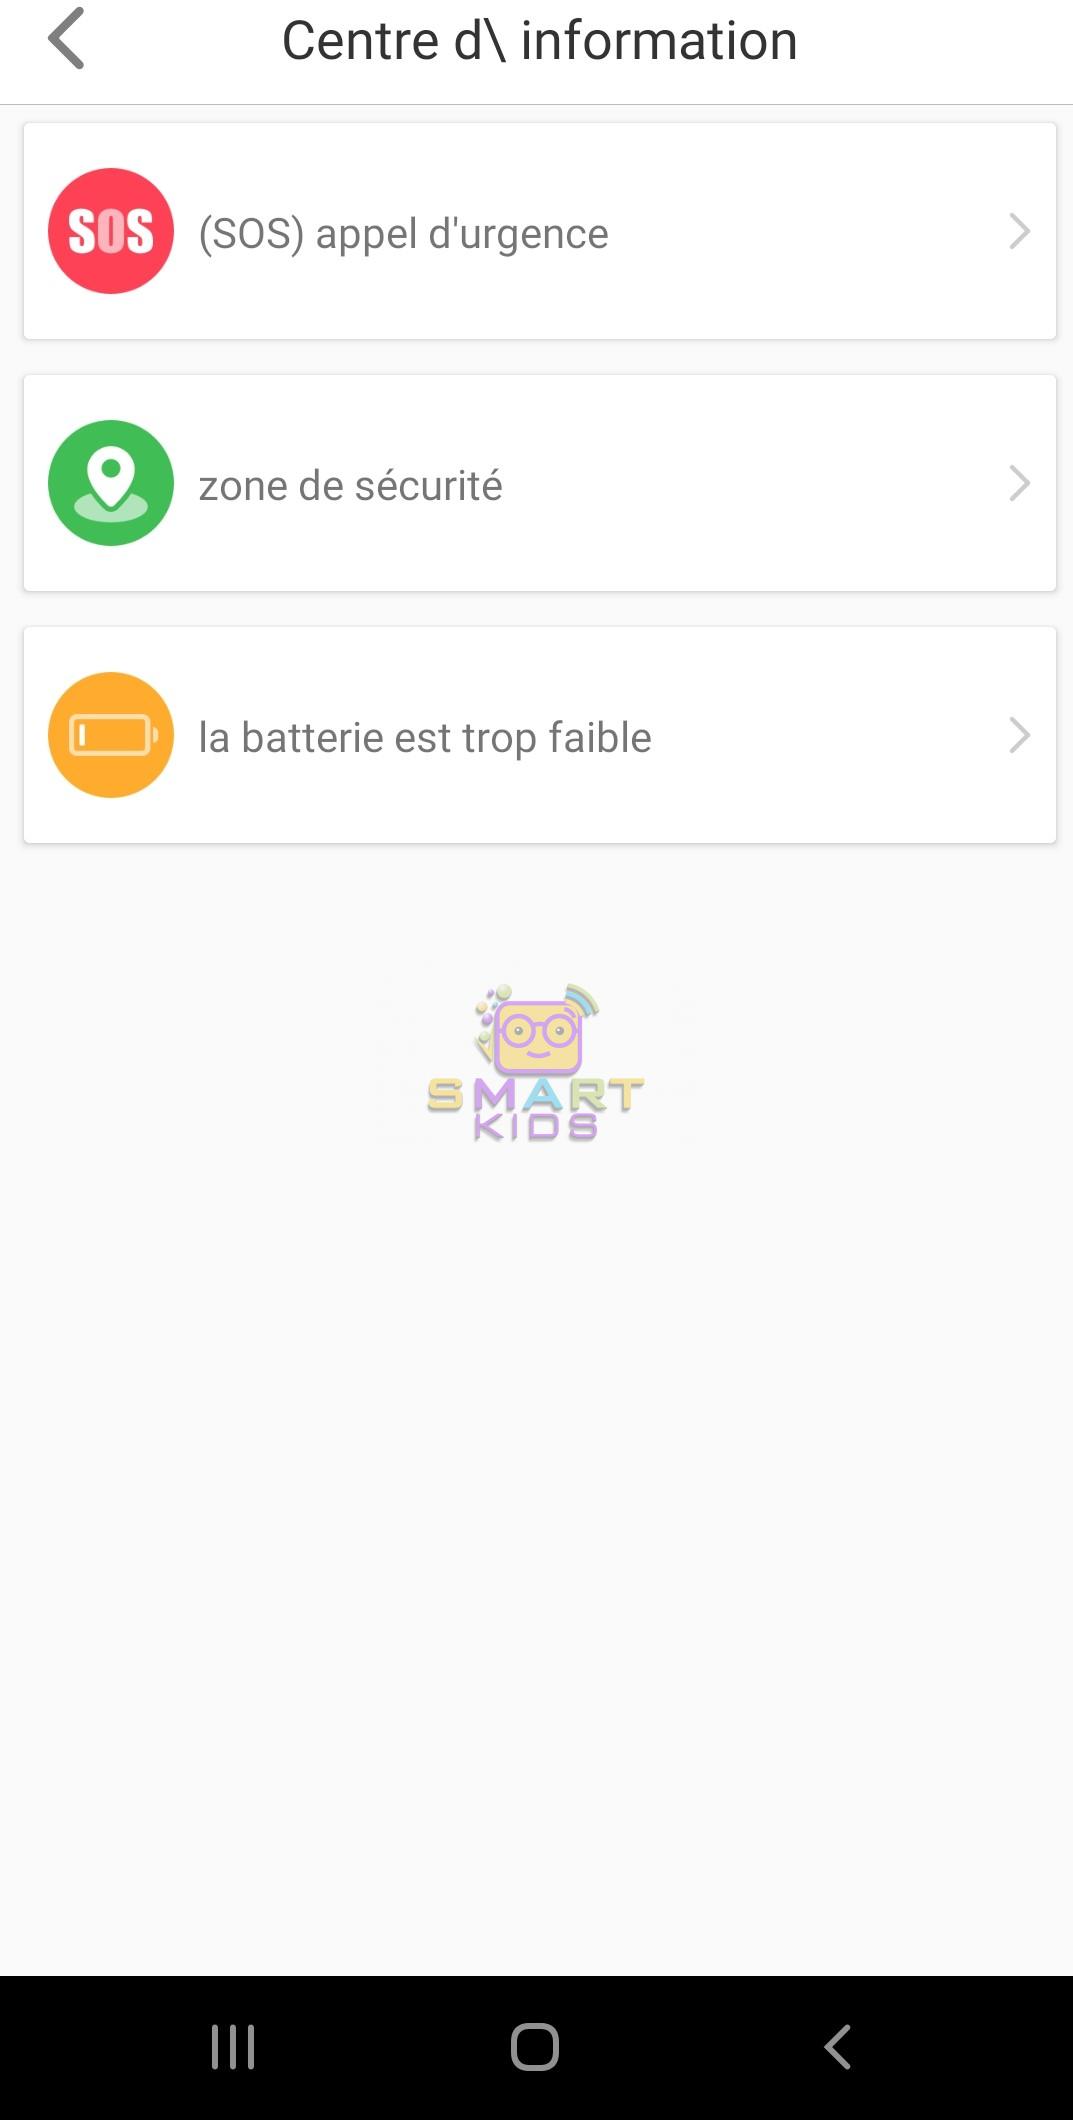 WhatsApp Image 2020 09 19 at 17.15.35 6